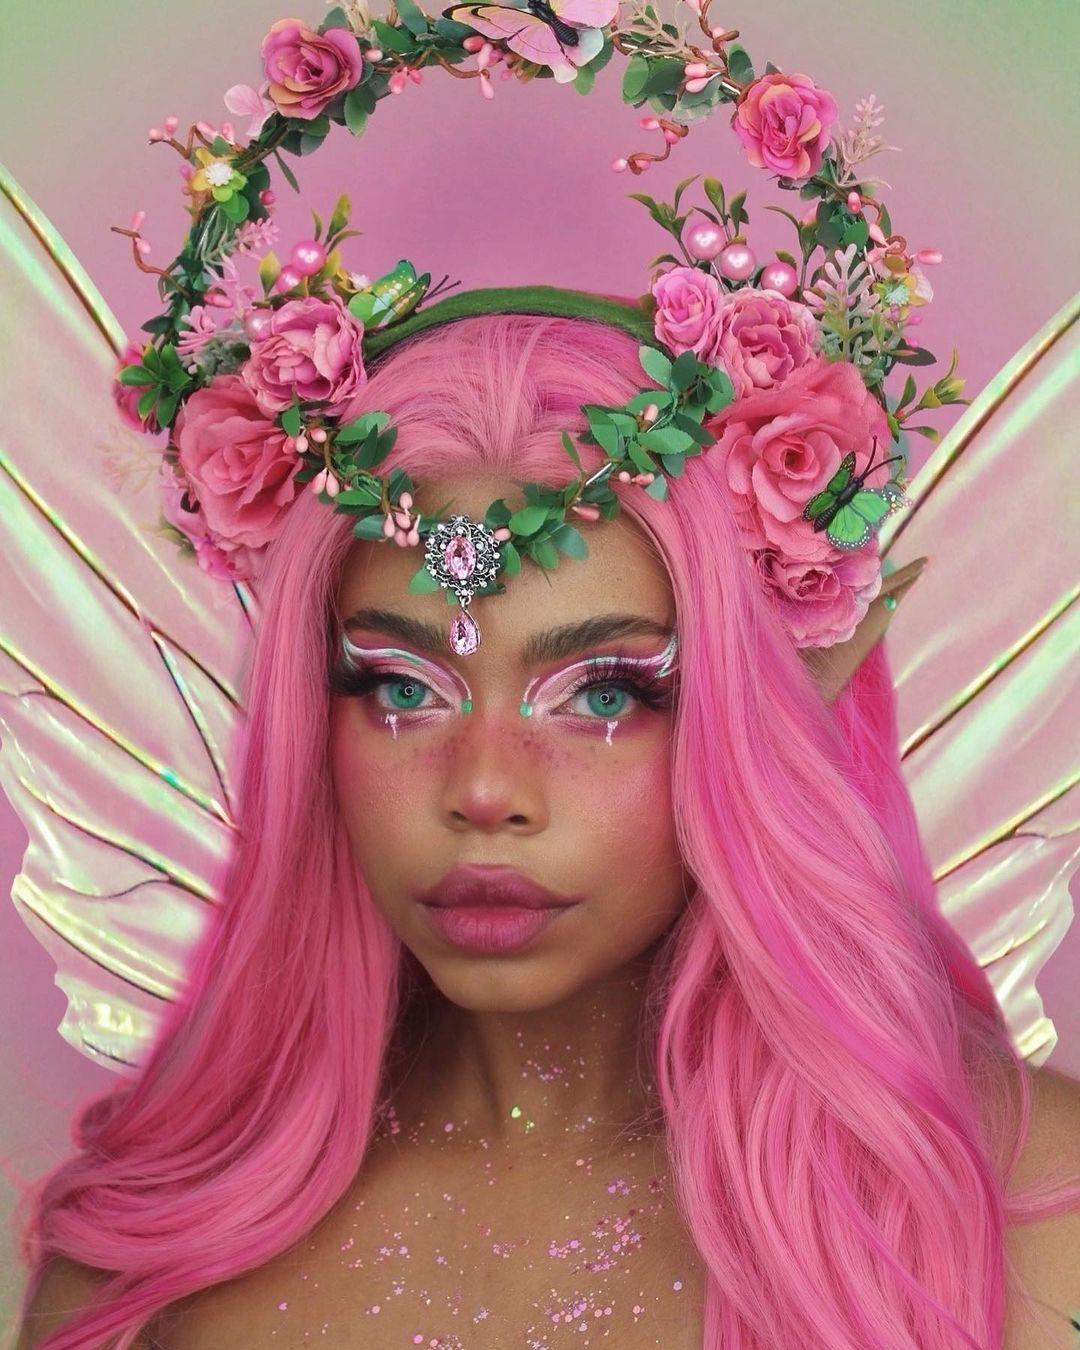 tendencia fairycore aesthetic tiara de flores